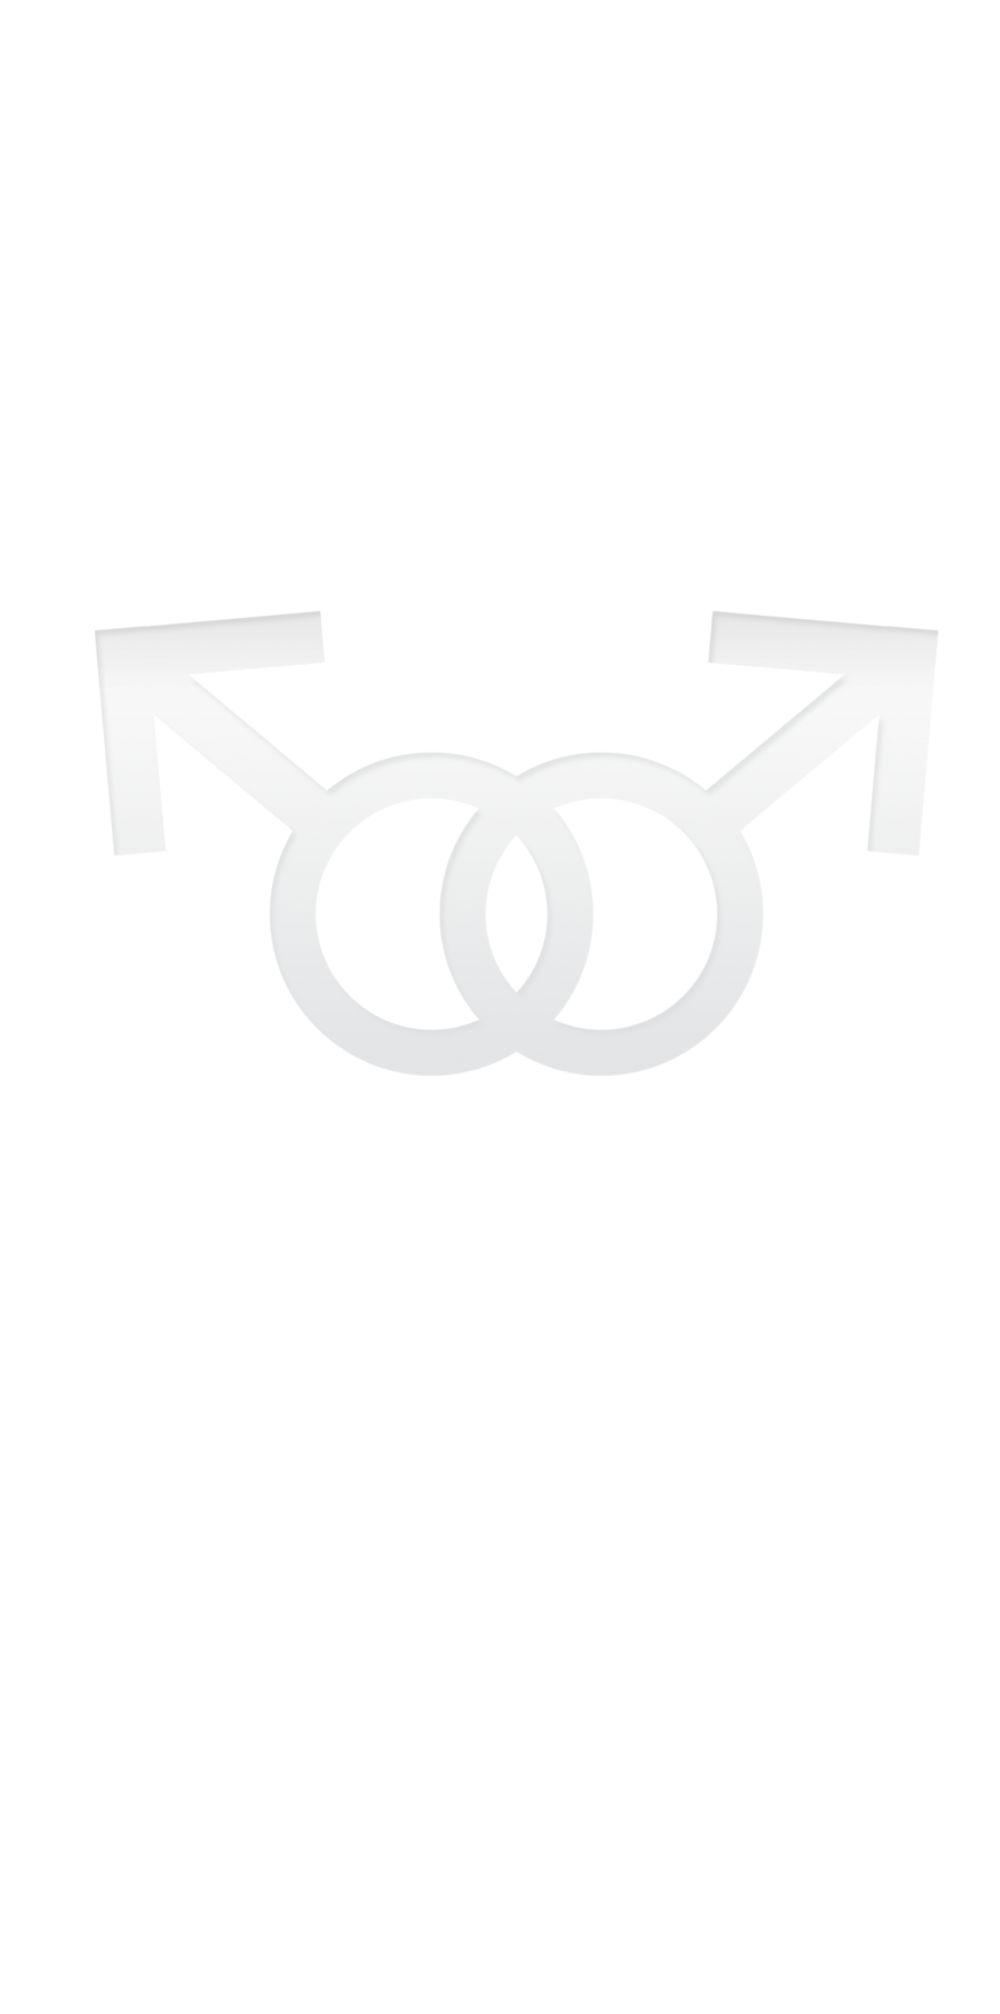 Ansicht 5 - Im Zeichen der Liebe - Männer